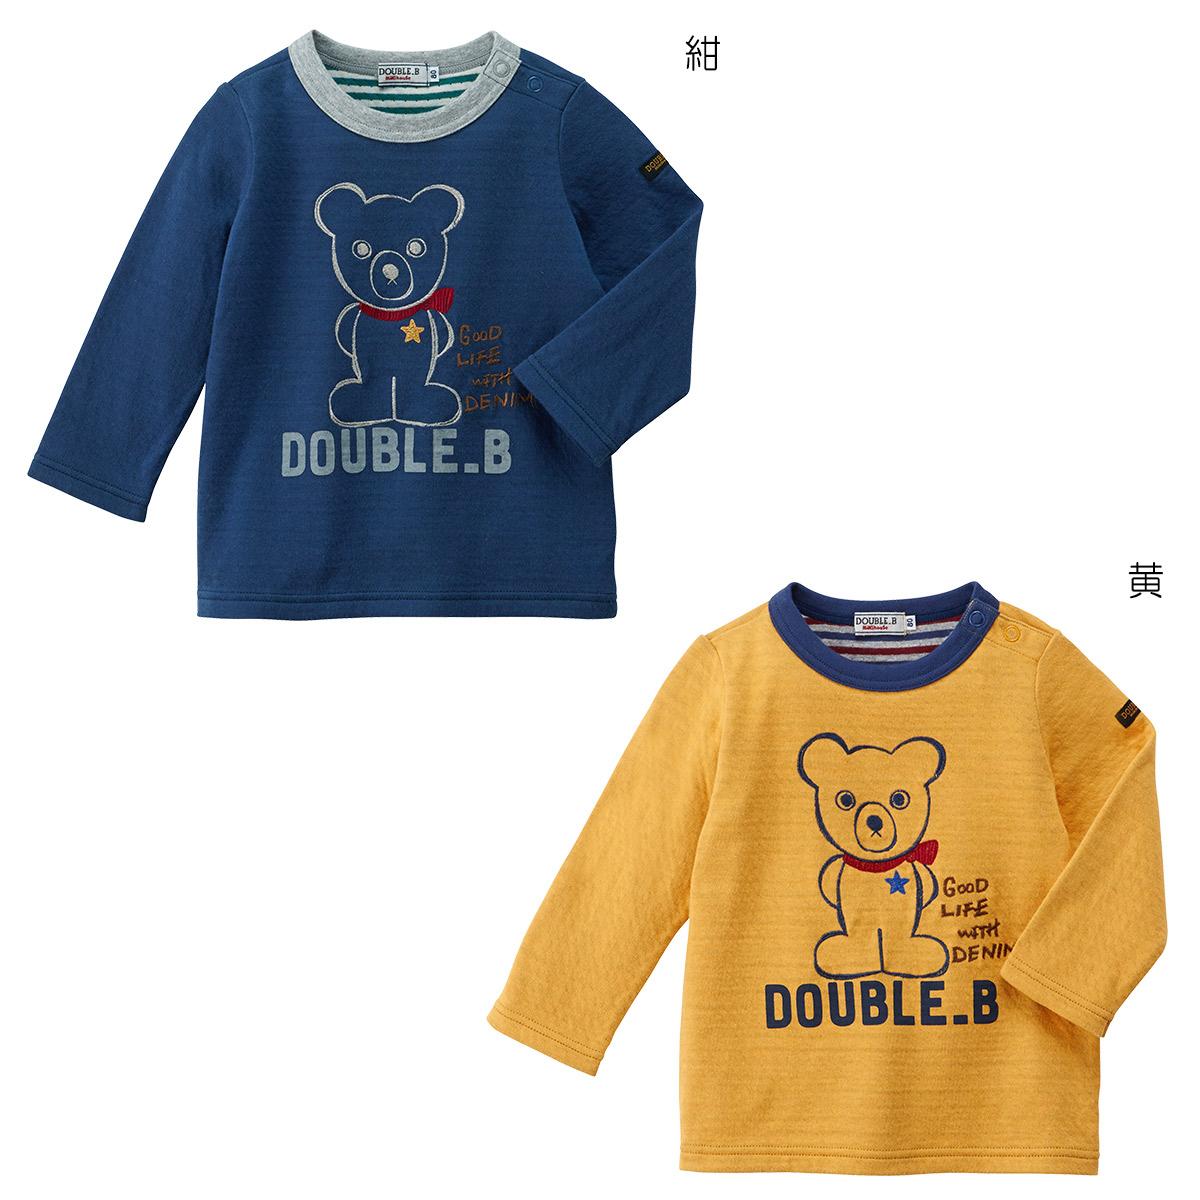 ミキハウス Tシャツ マーケット 80cm~100cm 今だけスーパーセール限定 〇 SALE 国内 3 980円以上で送料無料 Tシャツ8200